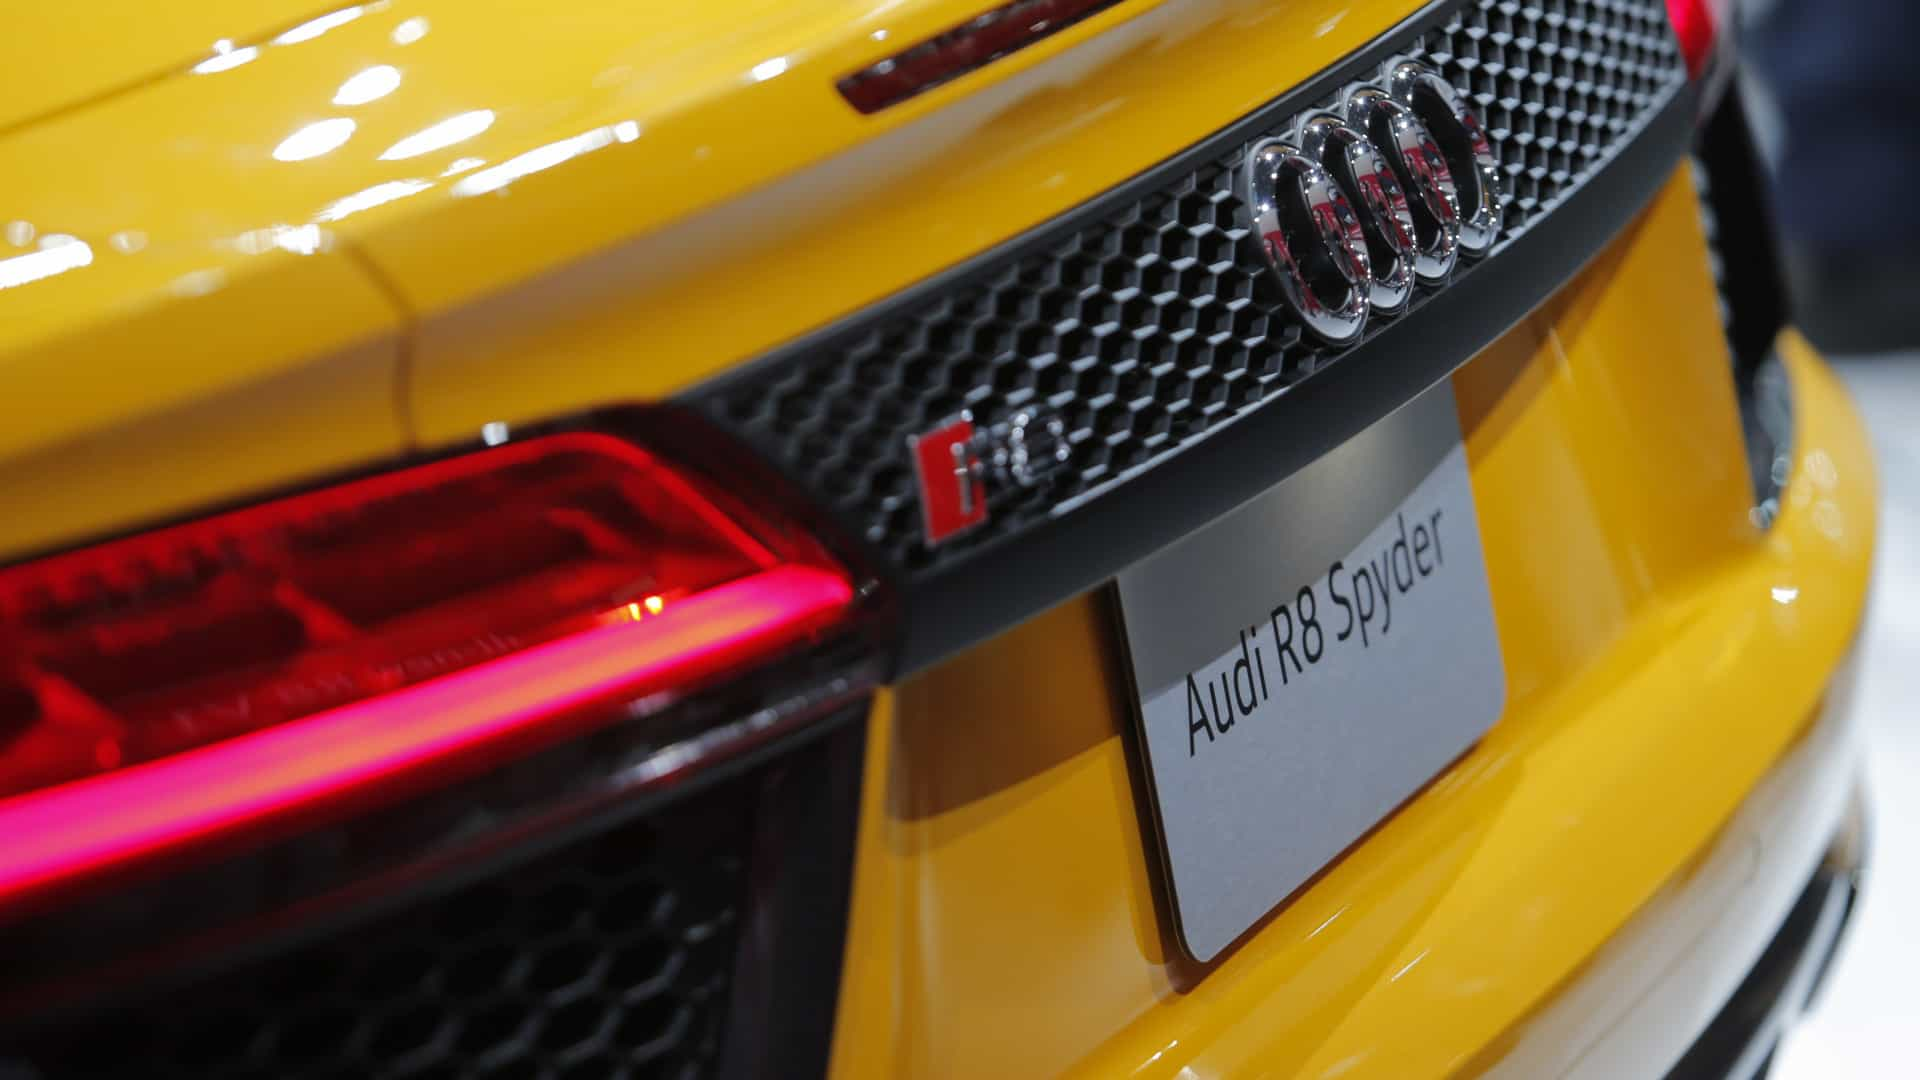 Sabia que o atual Audi R8 poderá ser o último?